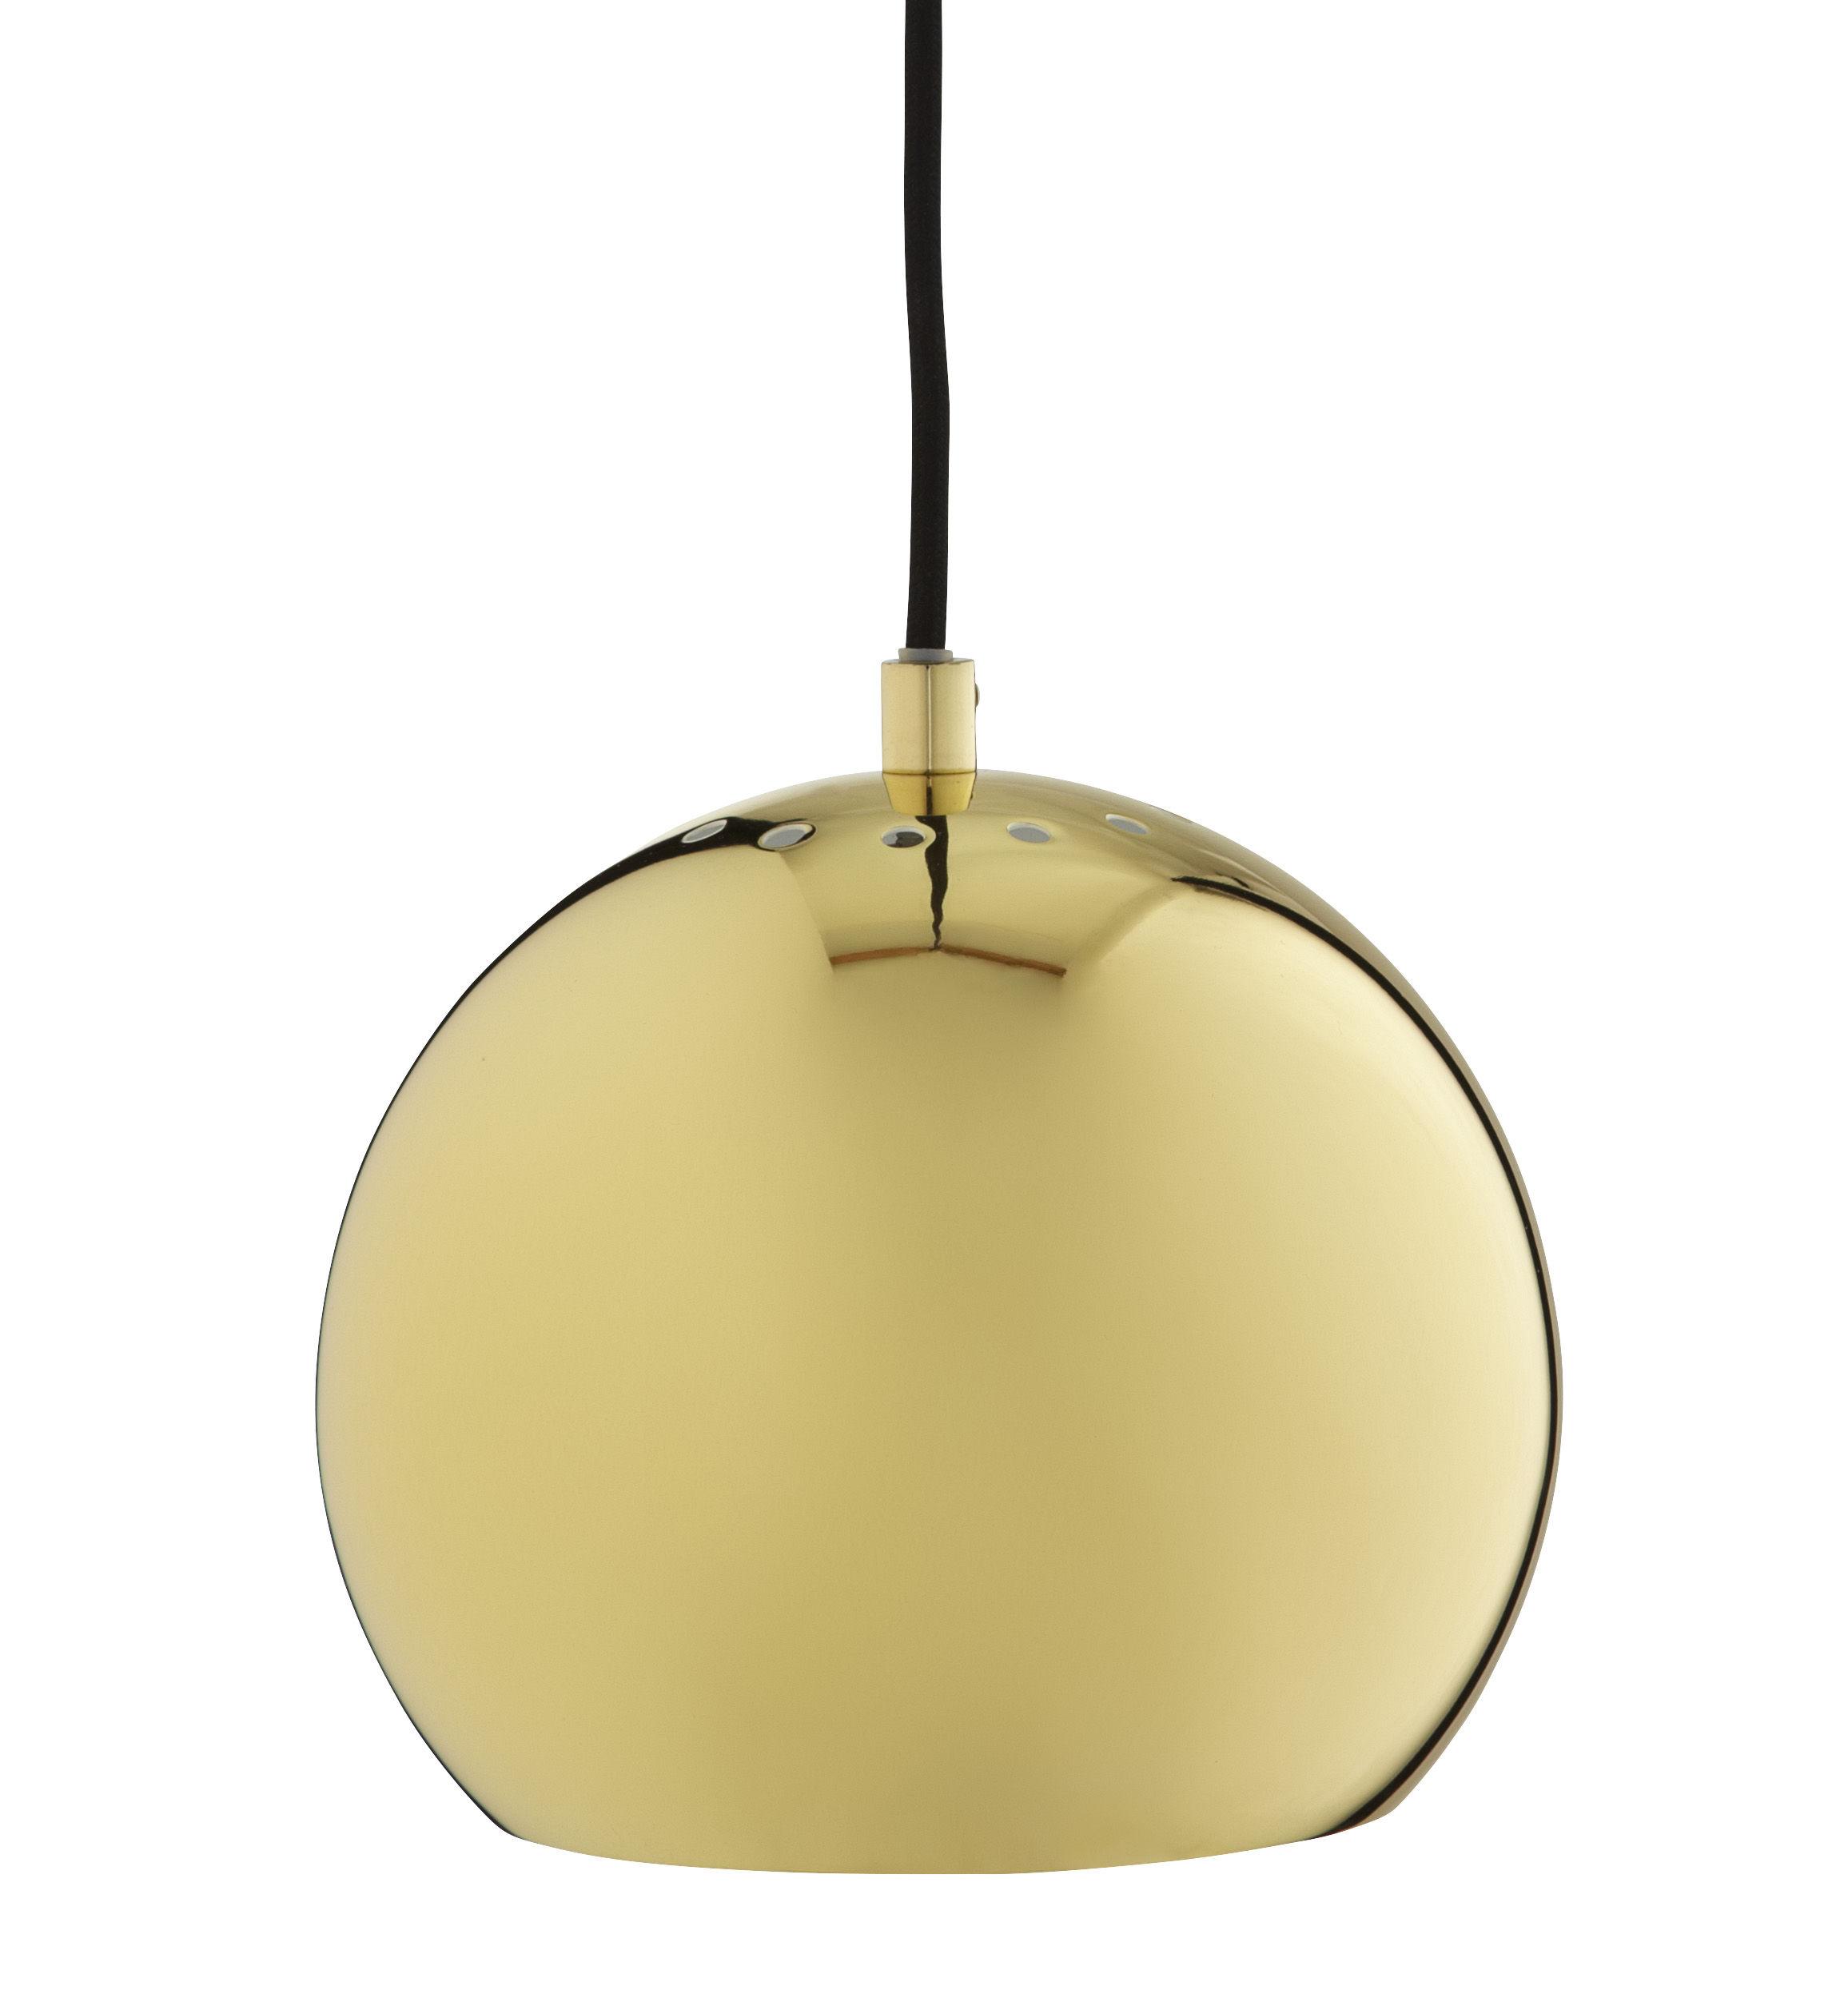 Illuminazione - Lampadari - Sospensione Ball Small - / Riedizione del 1969 di Frandsen - Ottone - Metallo con finitura in ottone